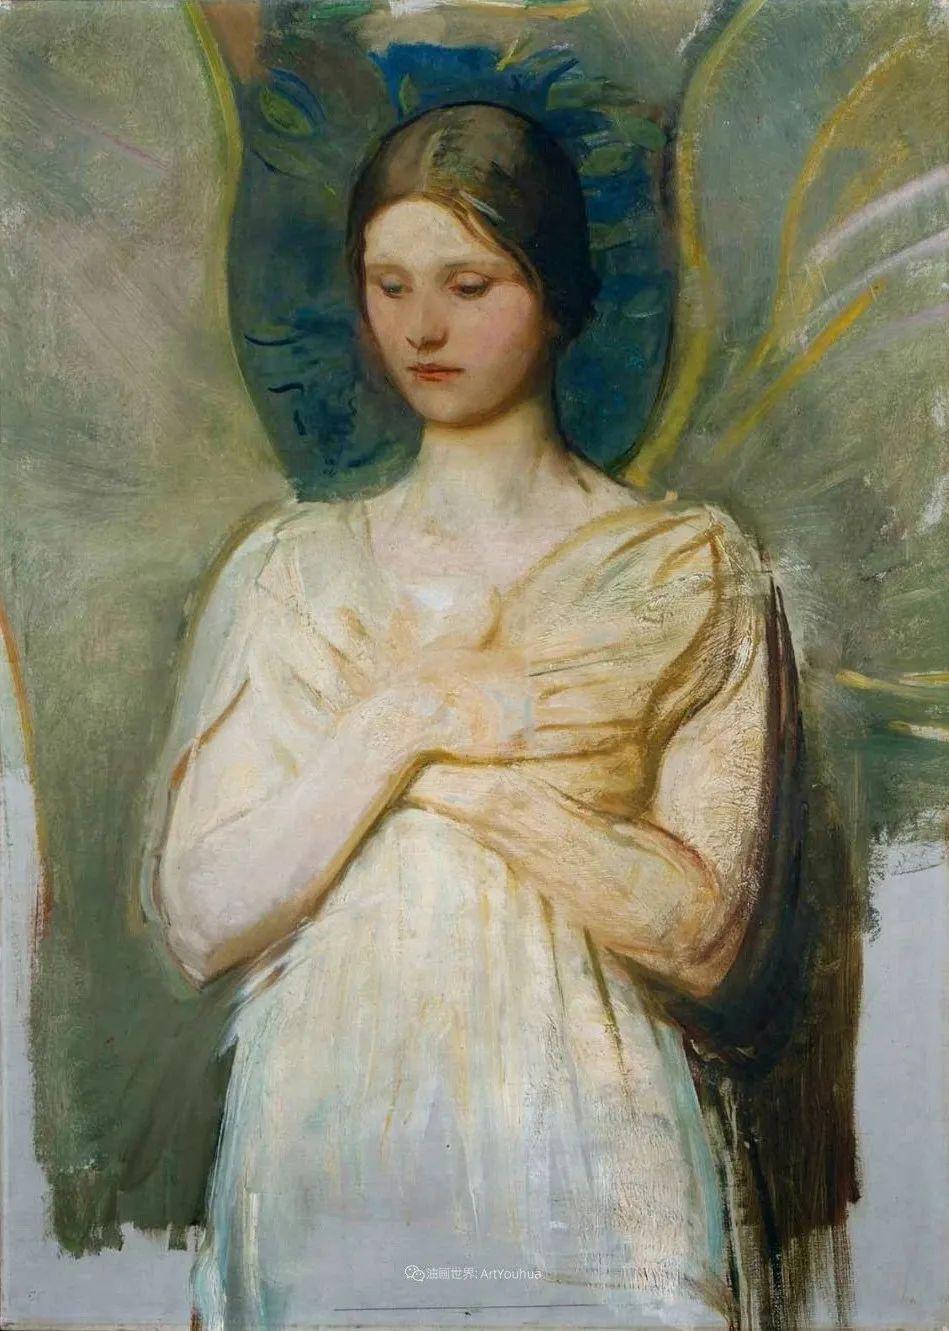 空灵的天使,精美绝伦!插图9